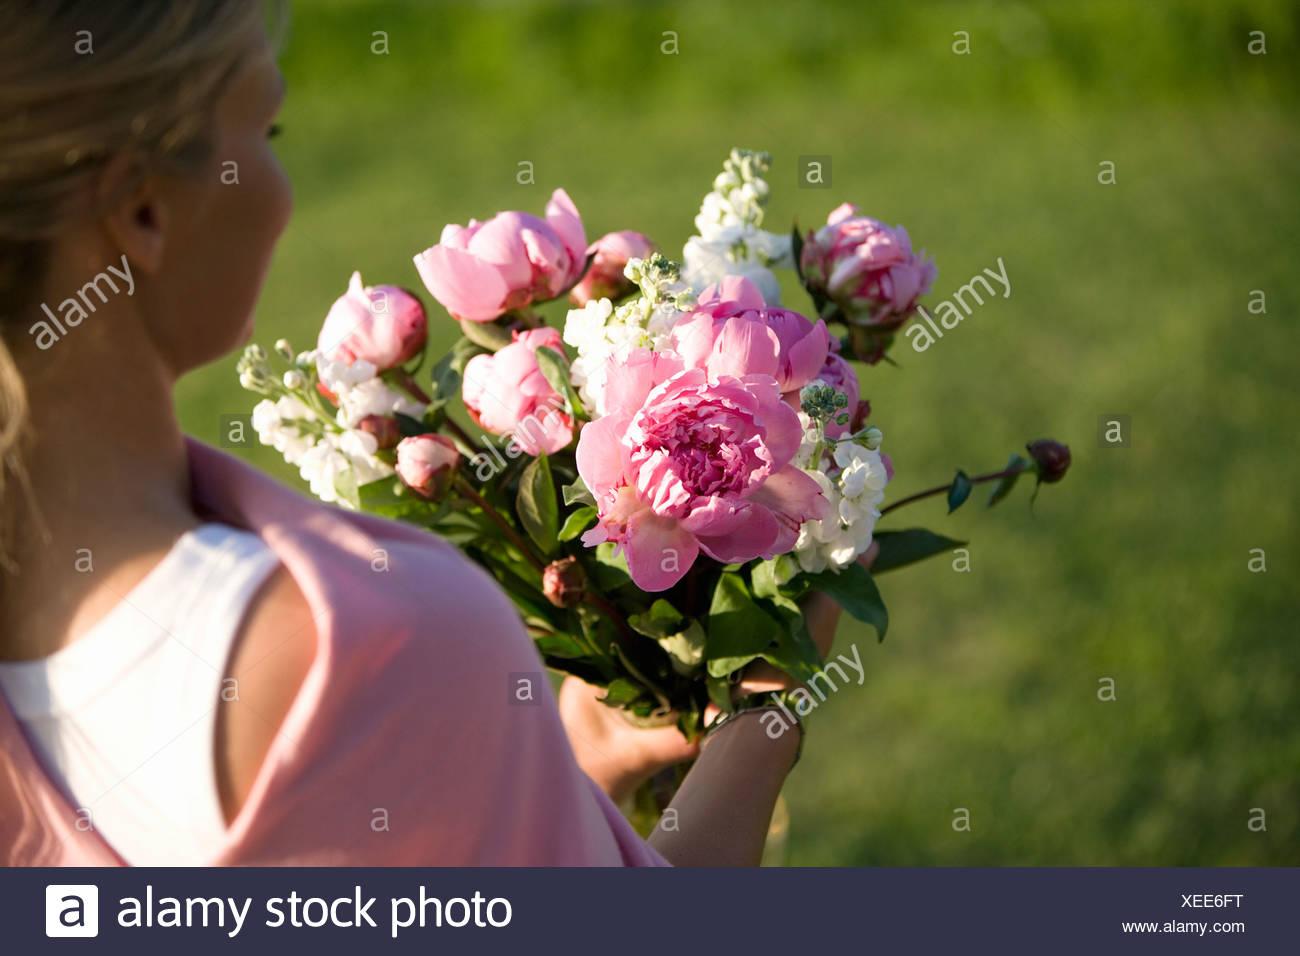 Femme portant un bouquet de fleurs, Fejan, archipel de Stockholm, Suède. Banque D'Images